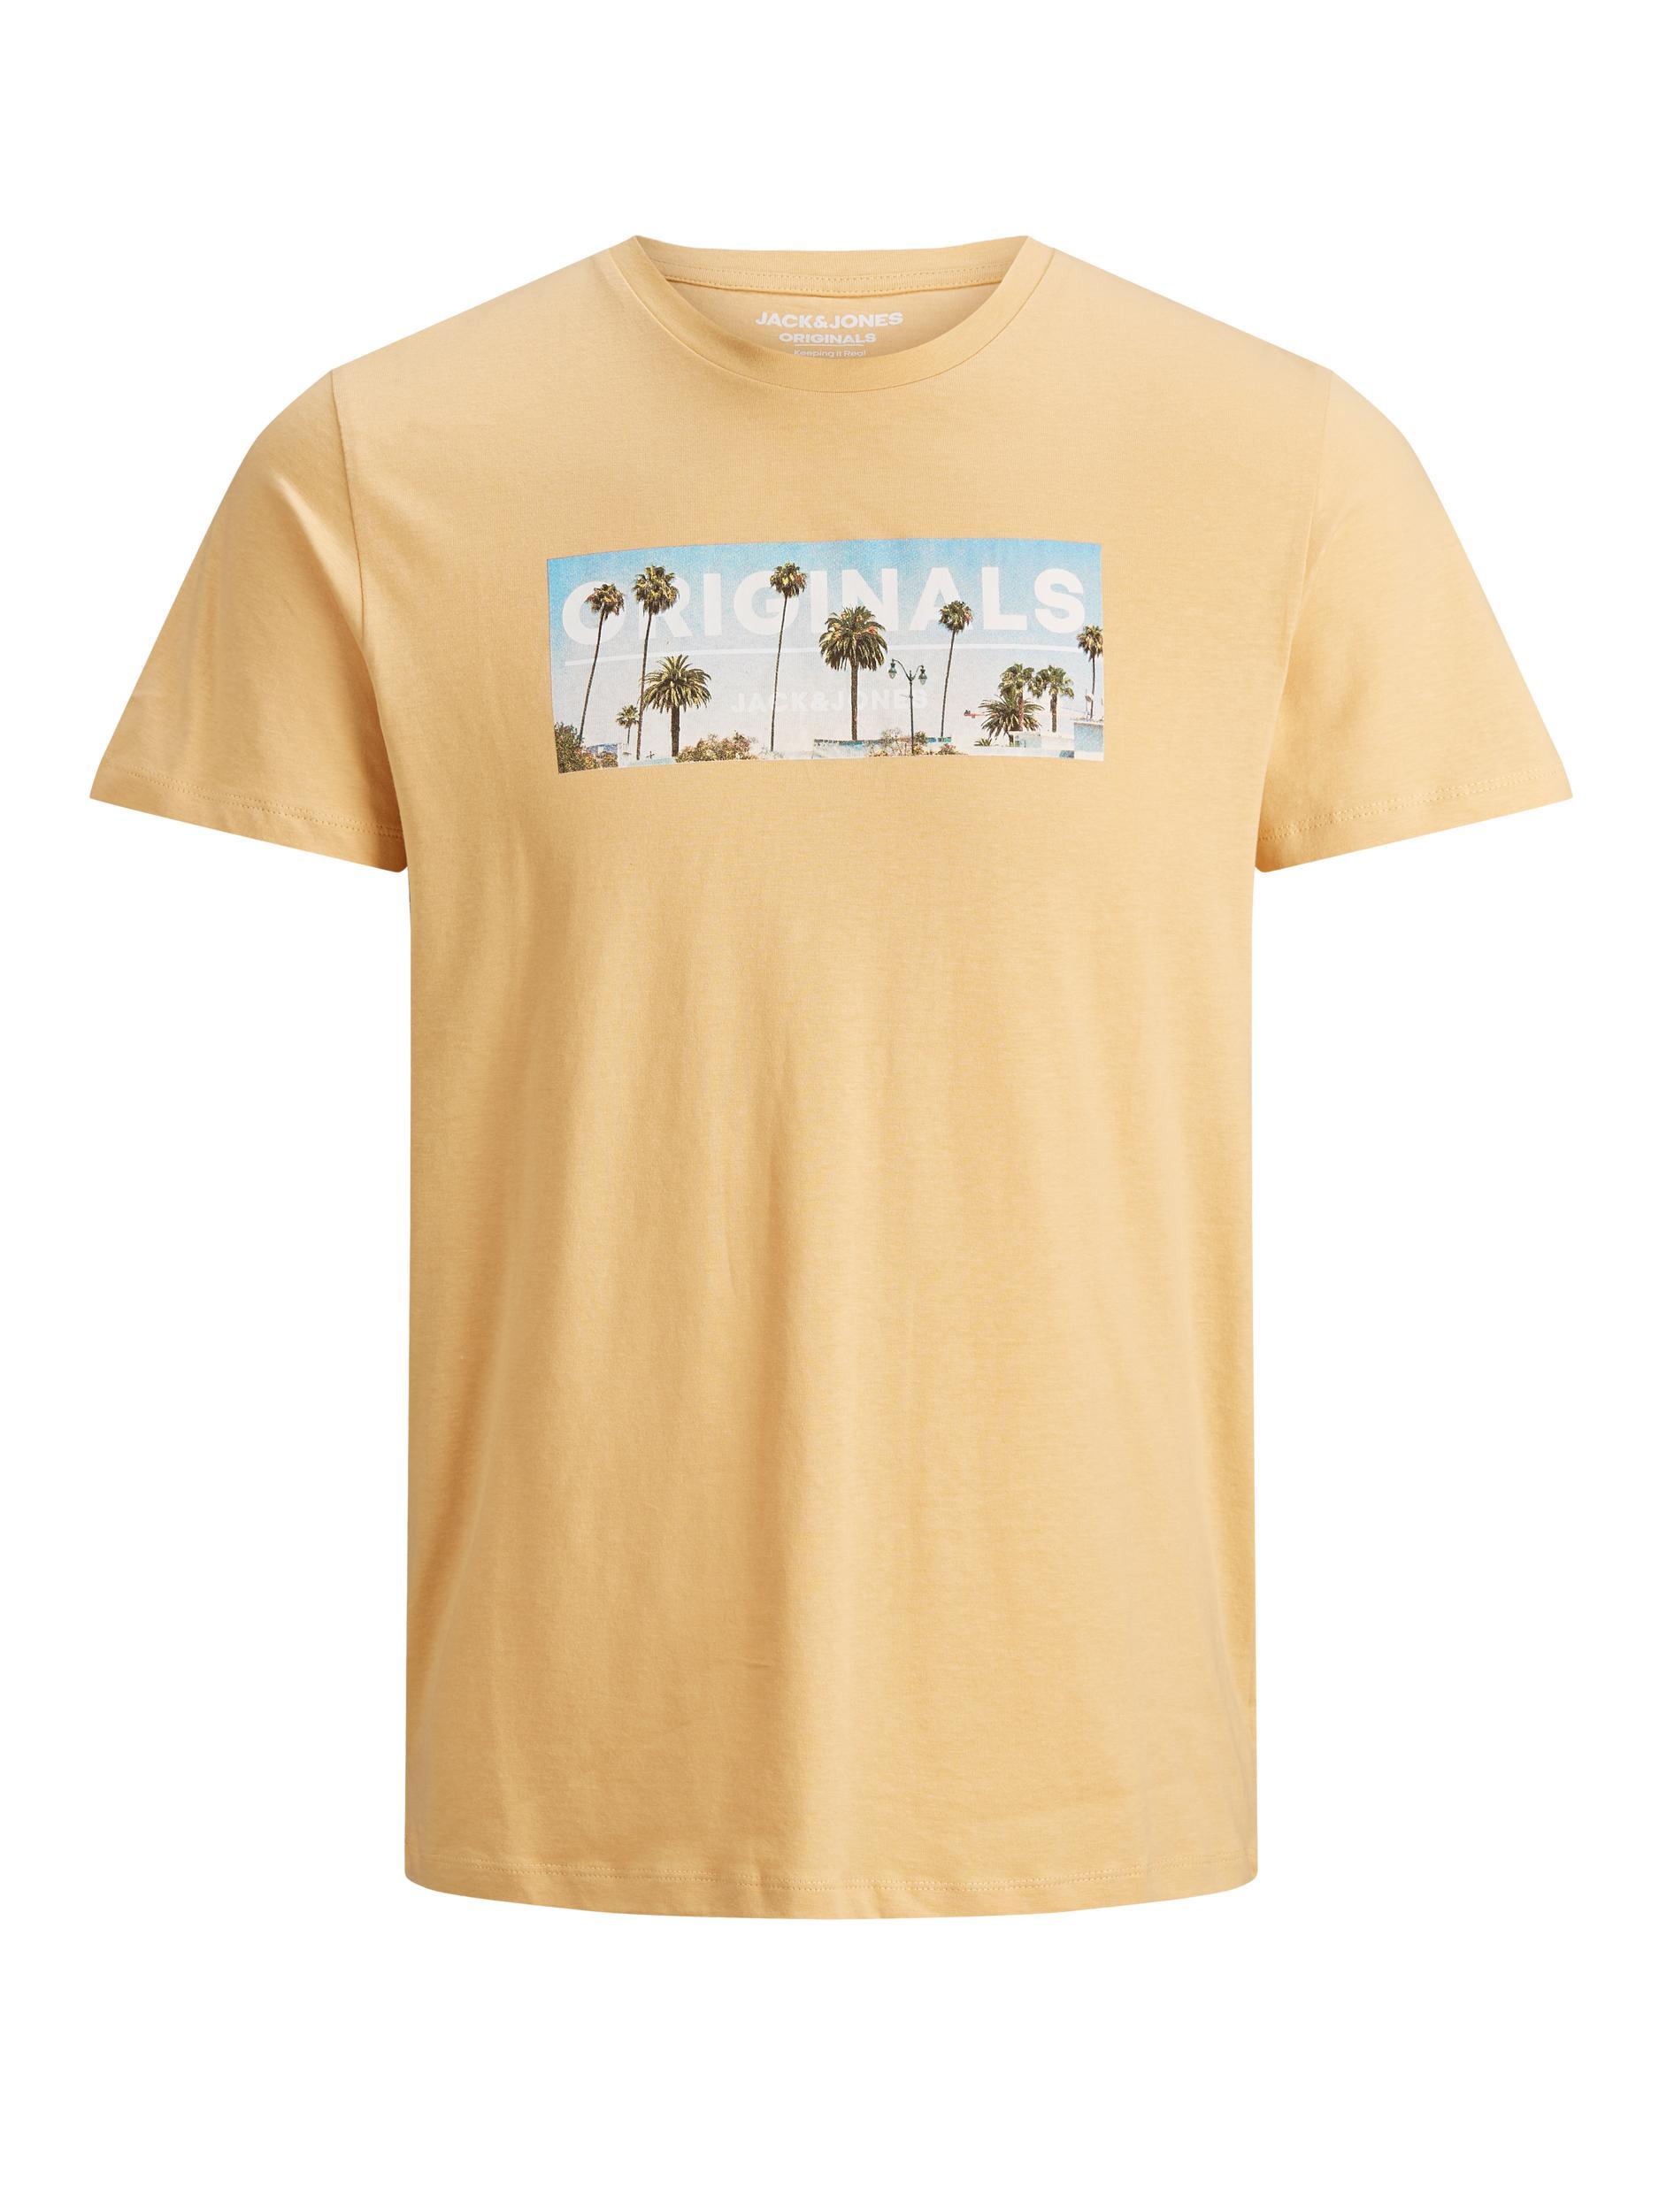 JORAZURE TEE SS CREW NECK JACK&JONES | T-shirt | 12189032SAHARA SUN